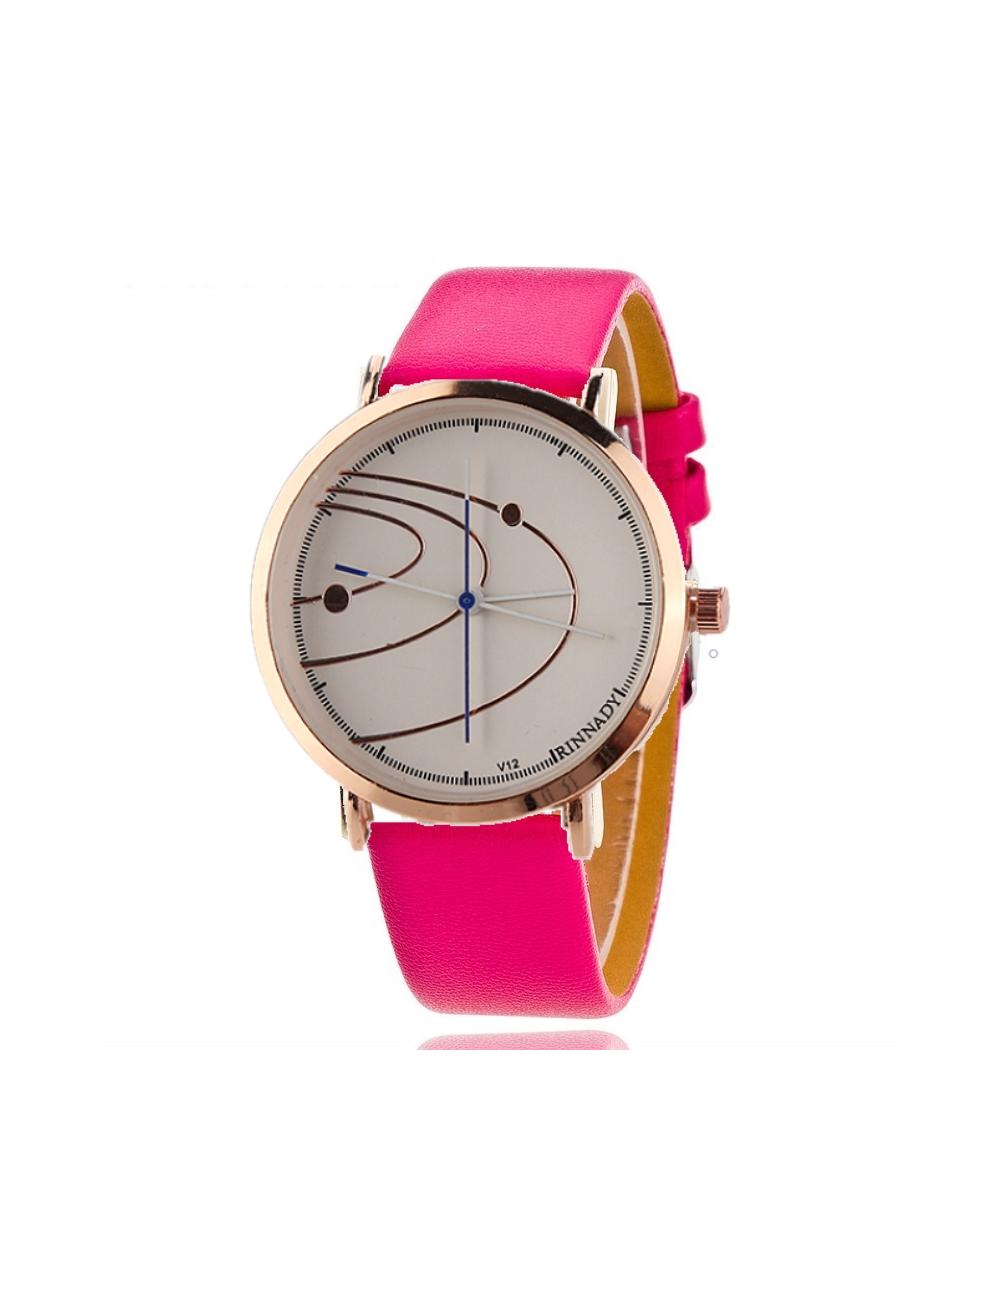 Reloj Órbita Dayoshop 33,900.00